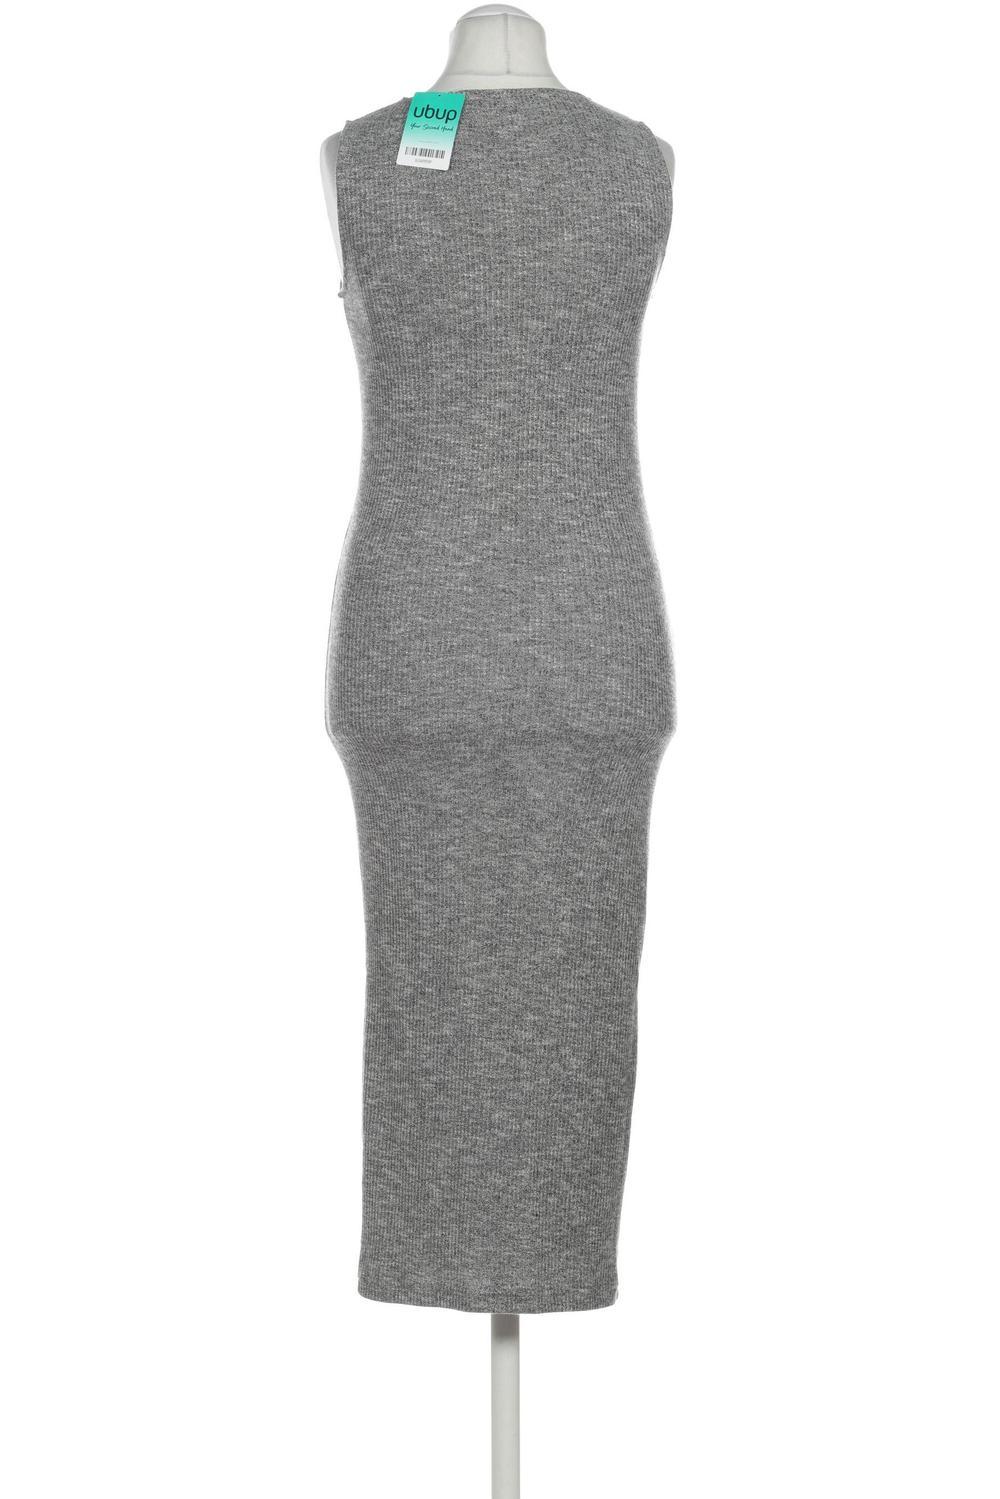 Gerry Weber Damen Kleid INT XXS Second Hand kaufen o0cYP